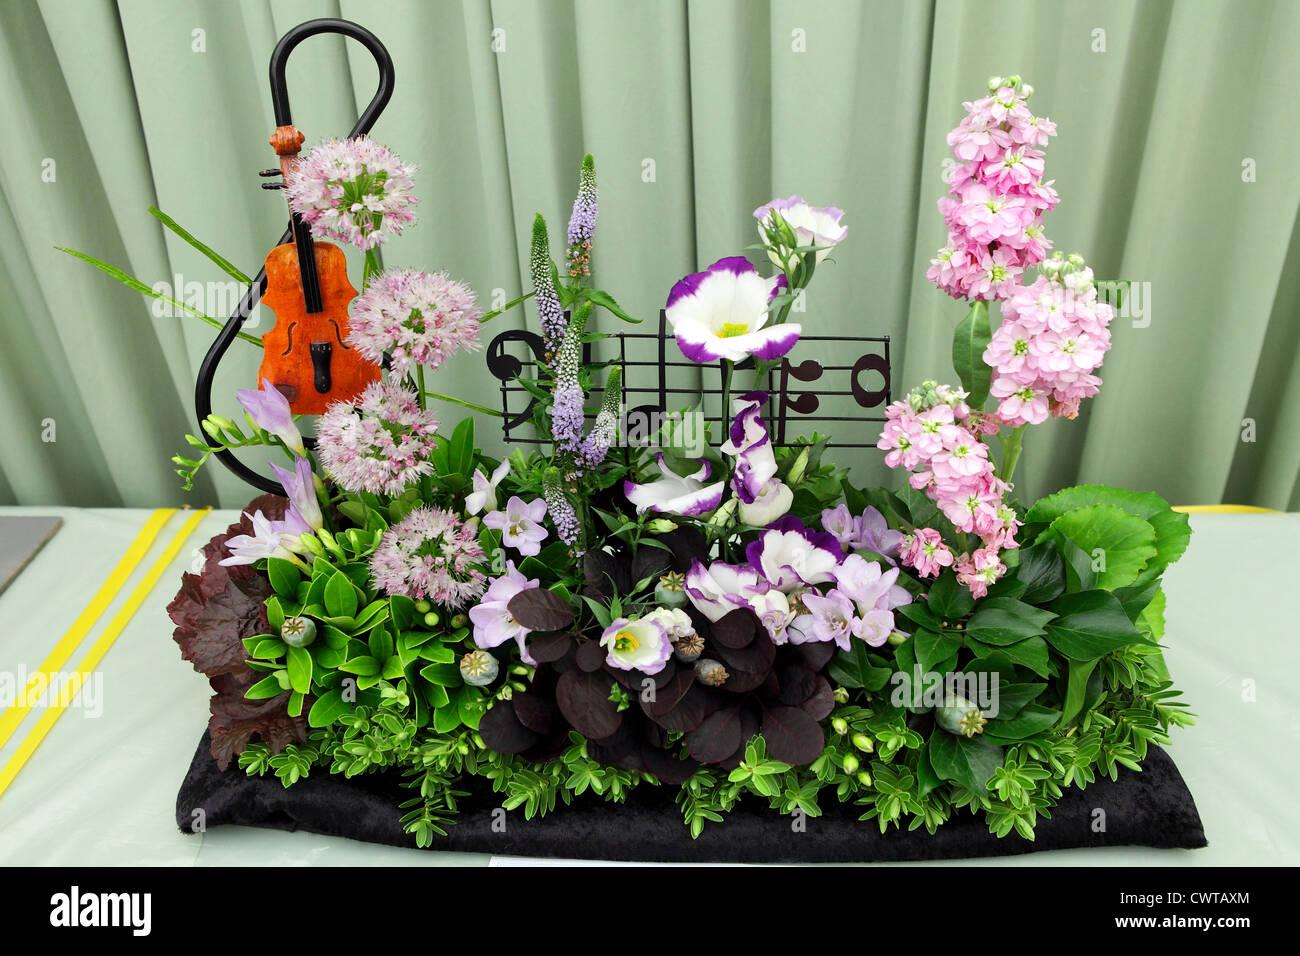 Herrlichen Blumenstrauß mit einem musikalischen Thema. Stockbild